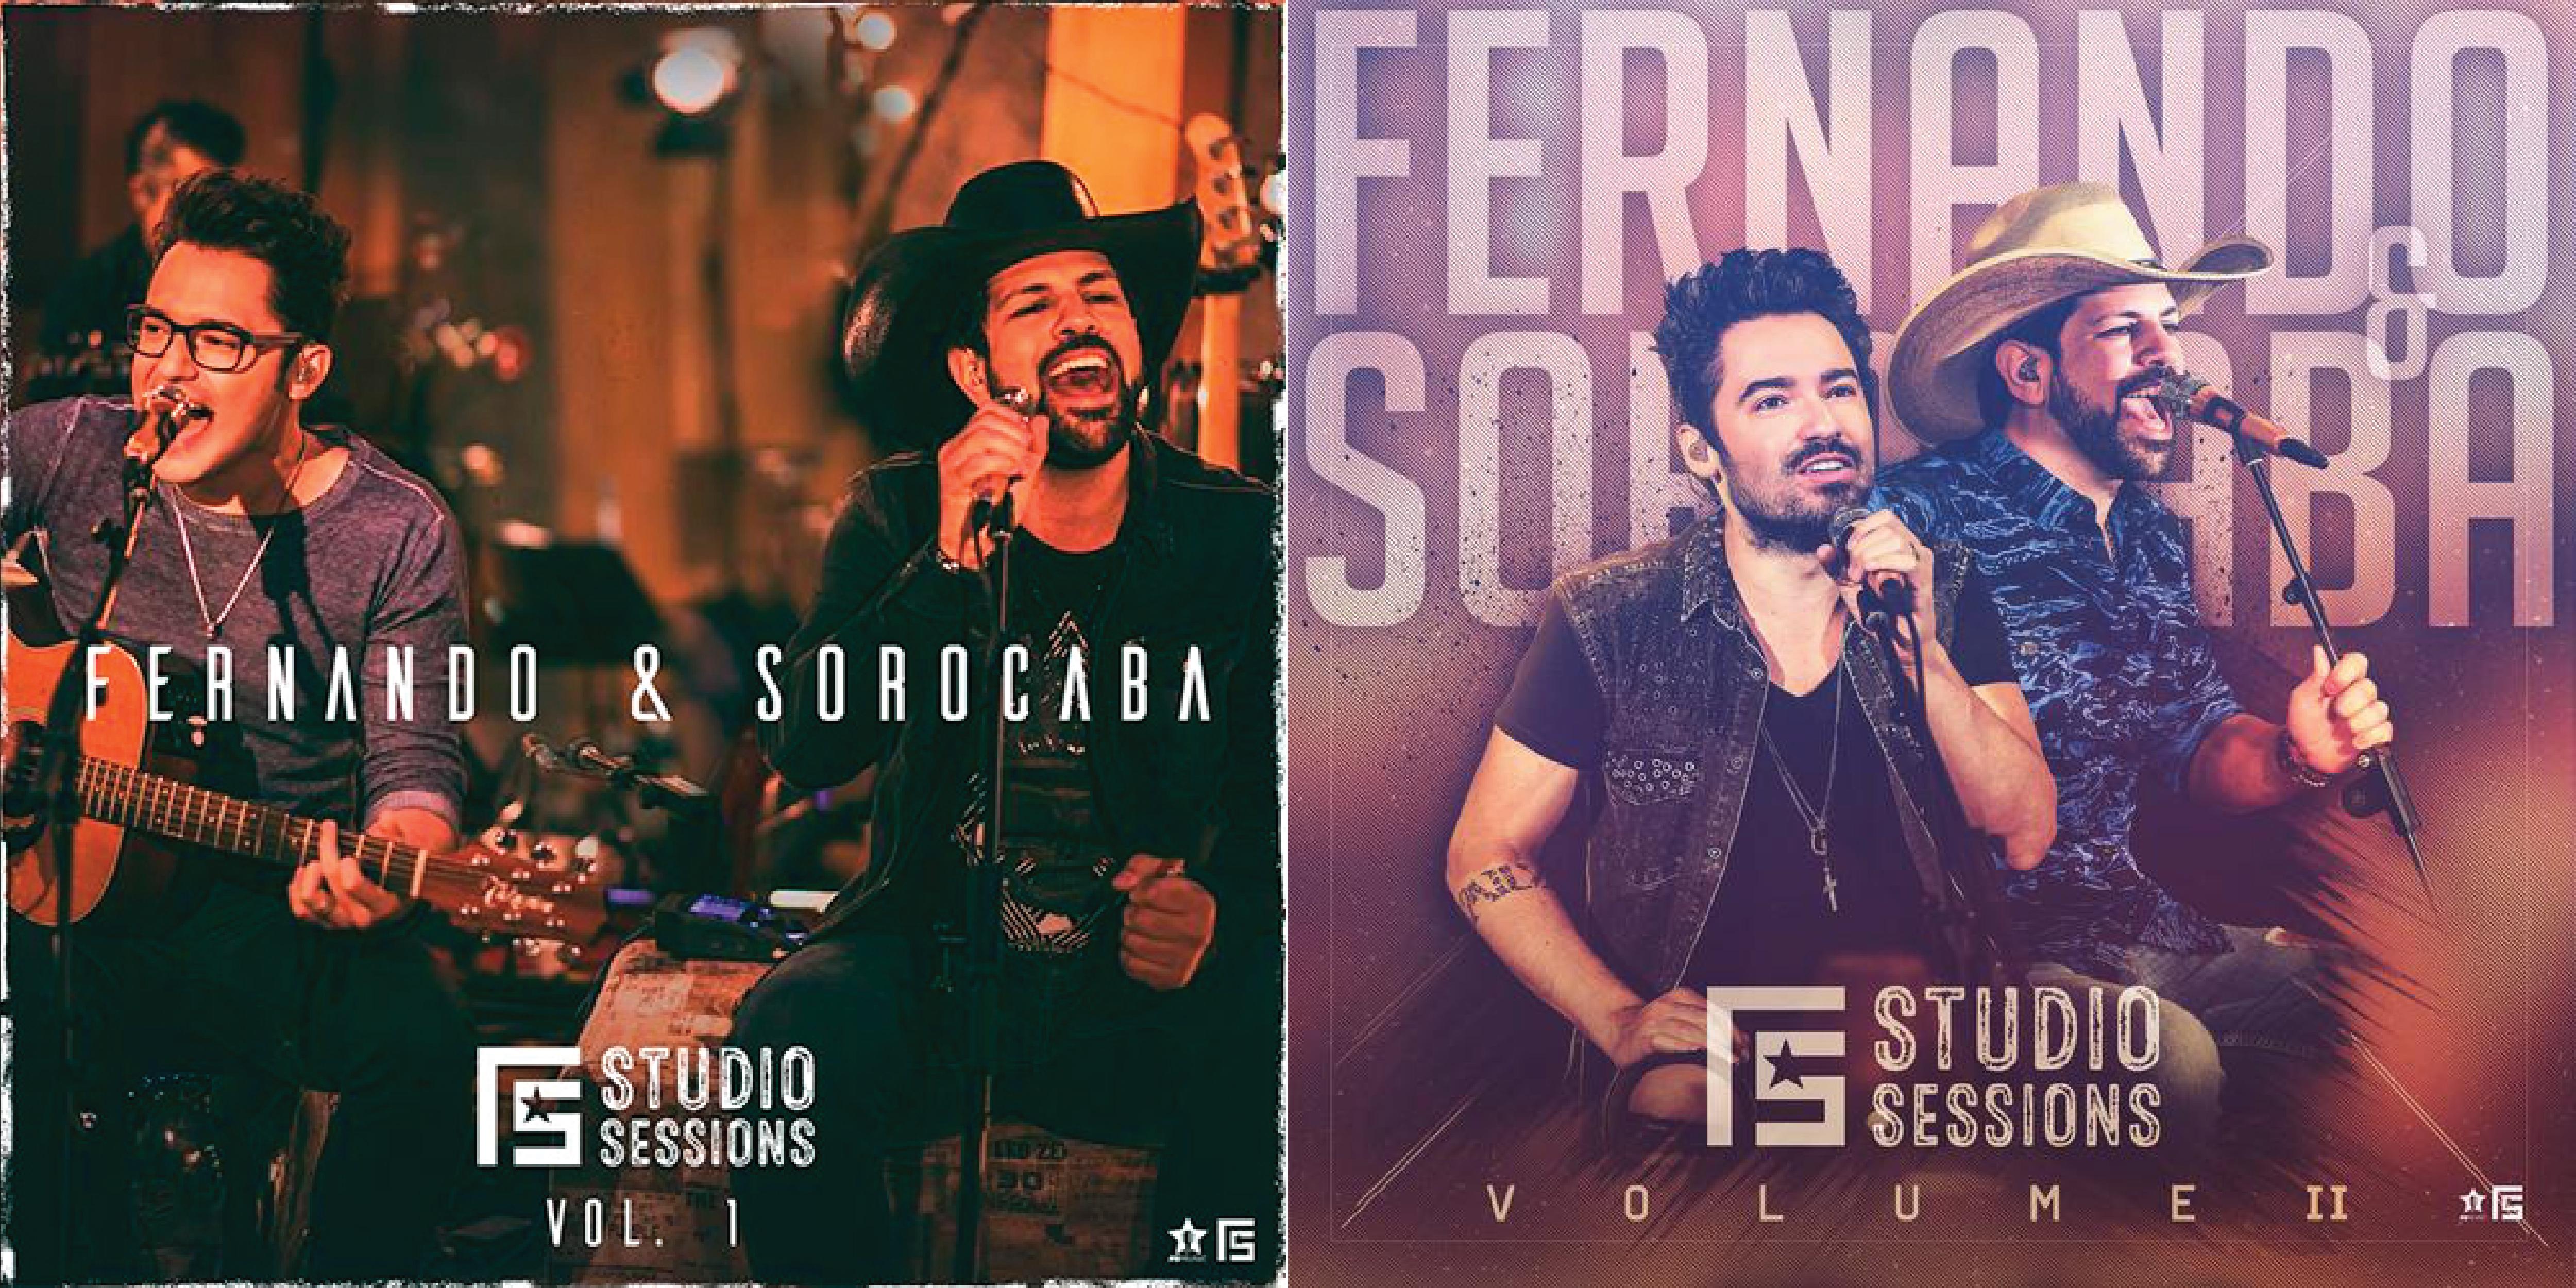 REVIEW: Fernando & Sorocaba – FS Studio Sessions Vol. I e Vol II